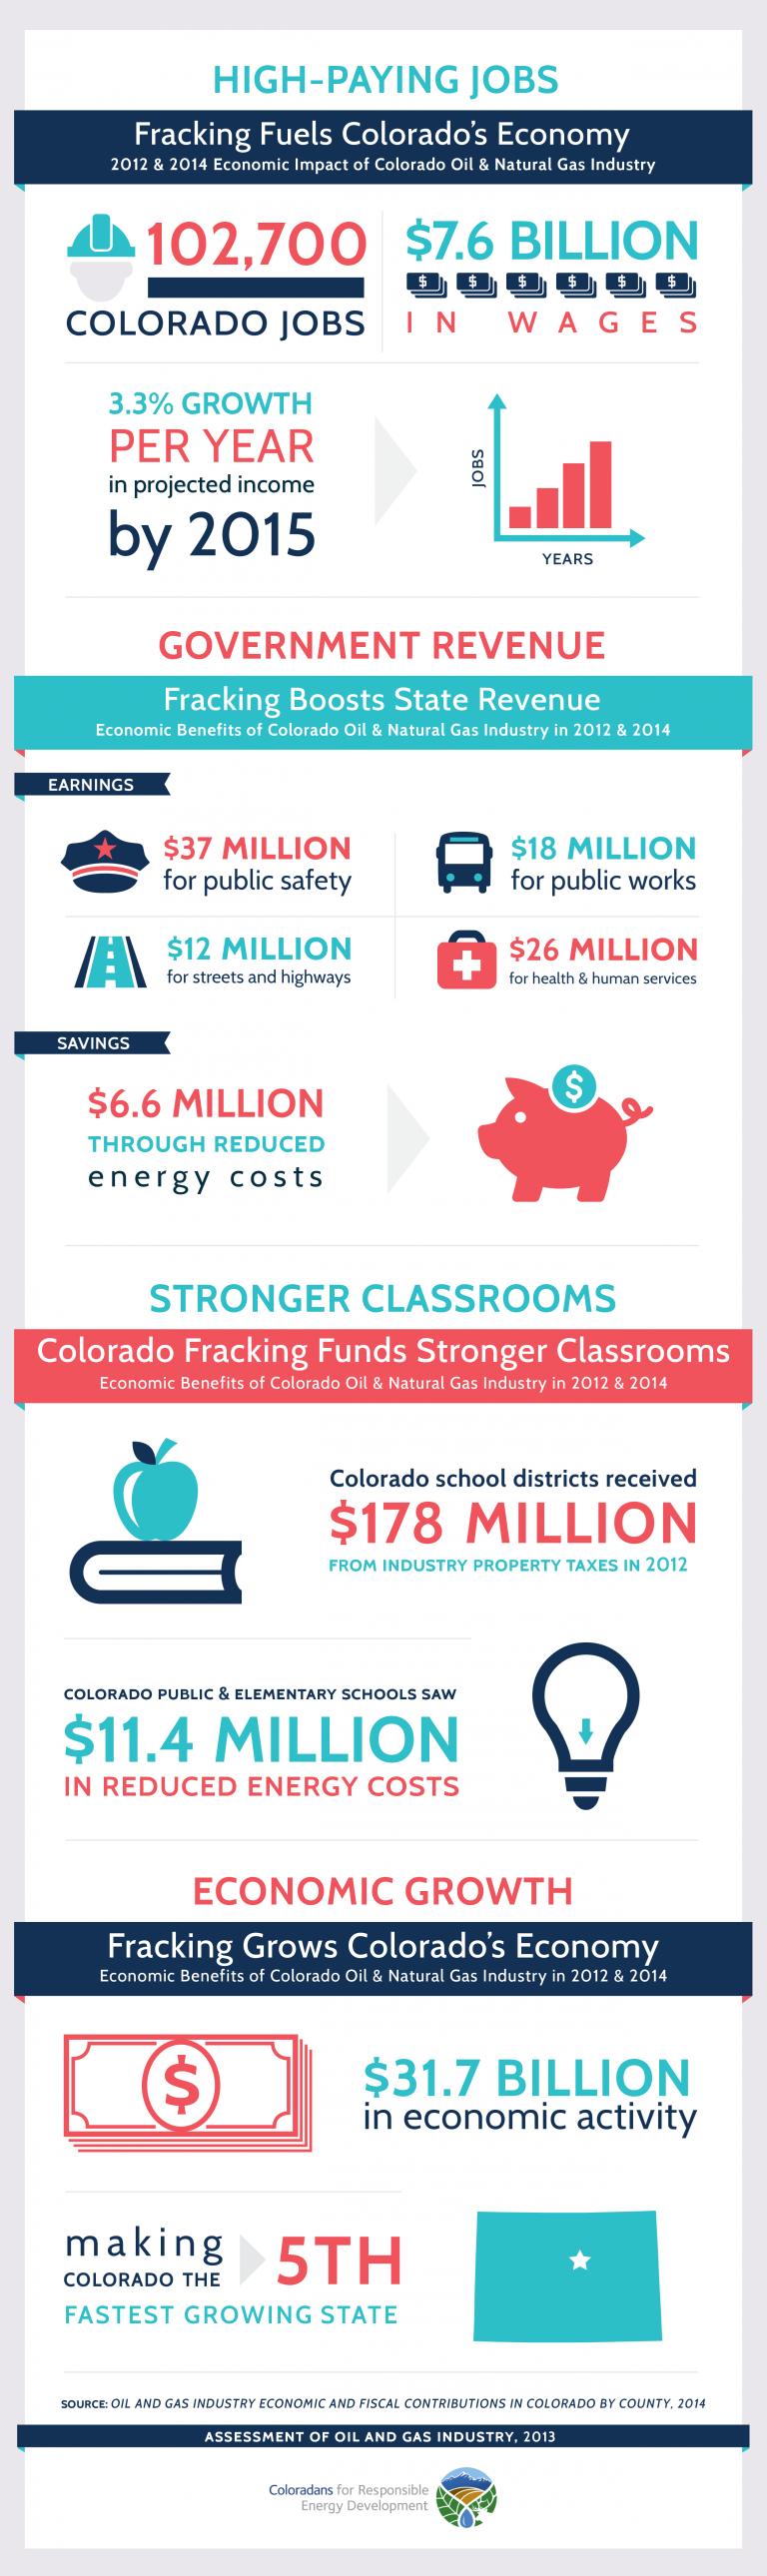 economic-benefits-of-fracking